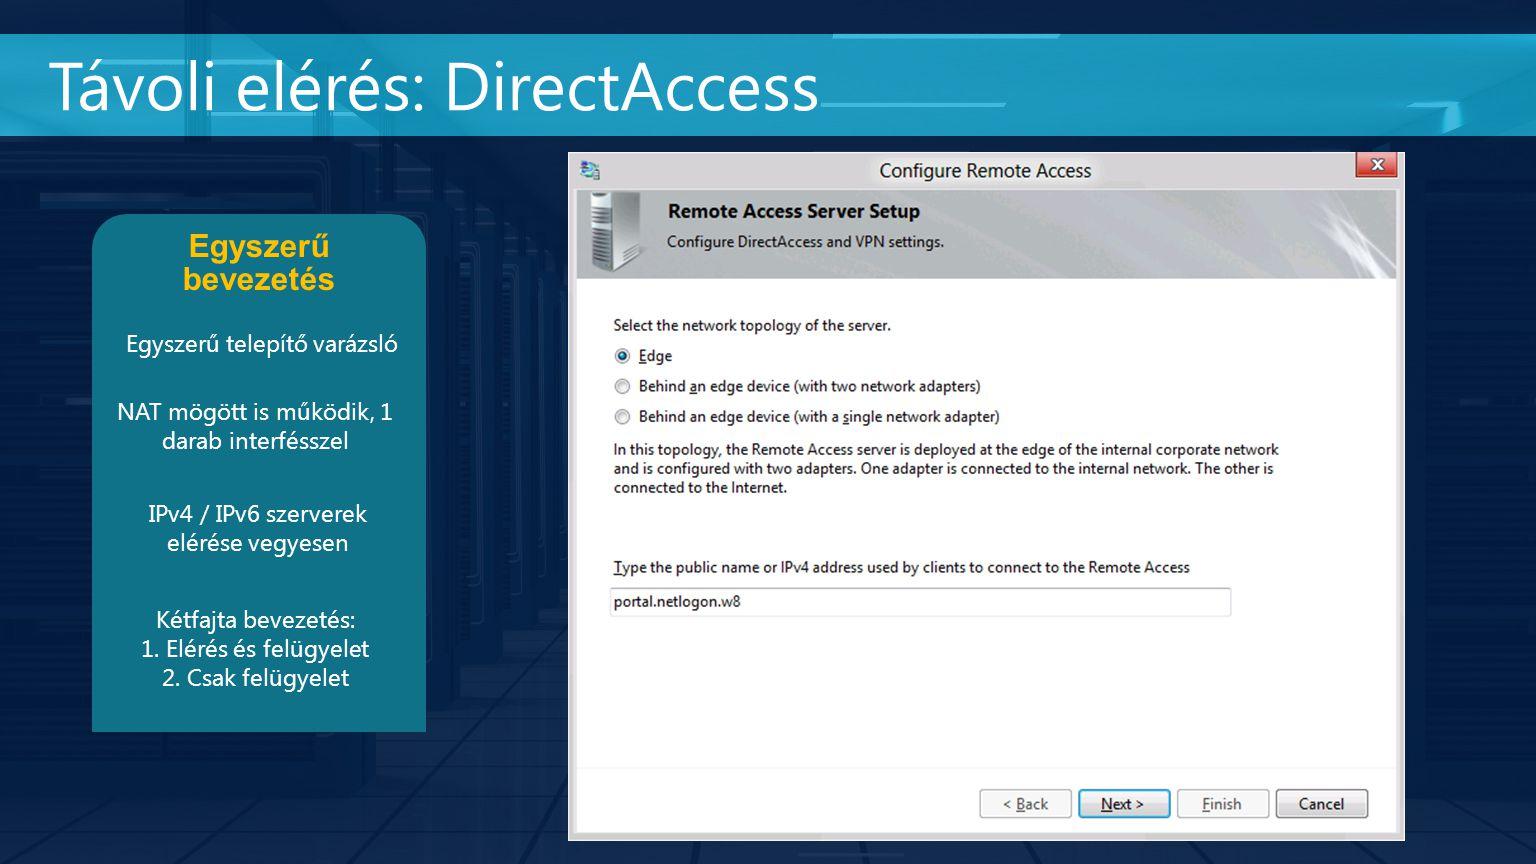 Távoli elérés: DirectAccess Egyszerű bevezetés Egyszerű telepítő varázsló IPv4 / IPv6 szerverek elérése vegyesen Kétfajta bevezetés: 1. Elérés és felü